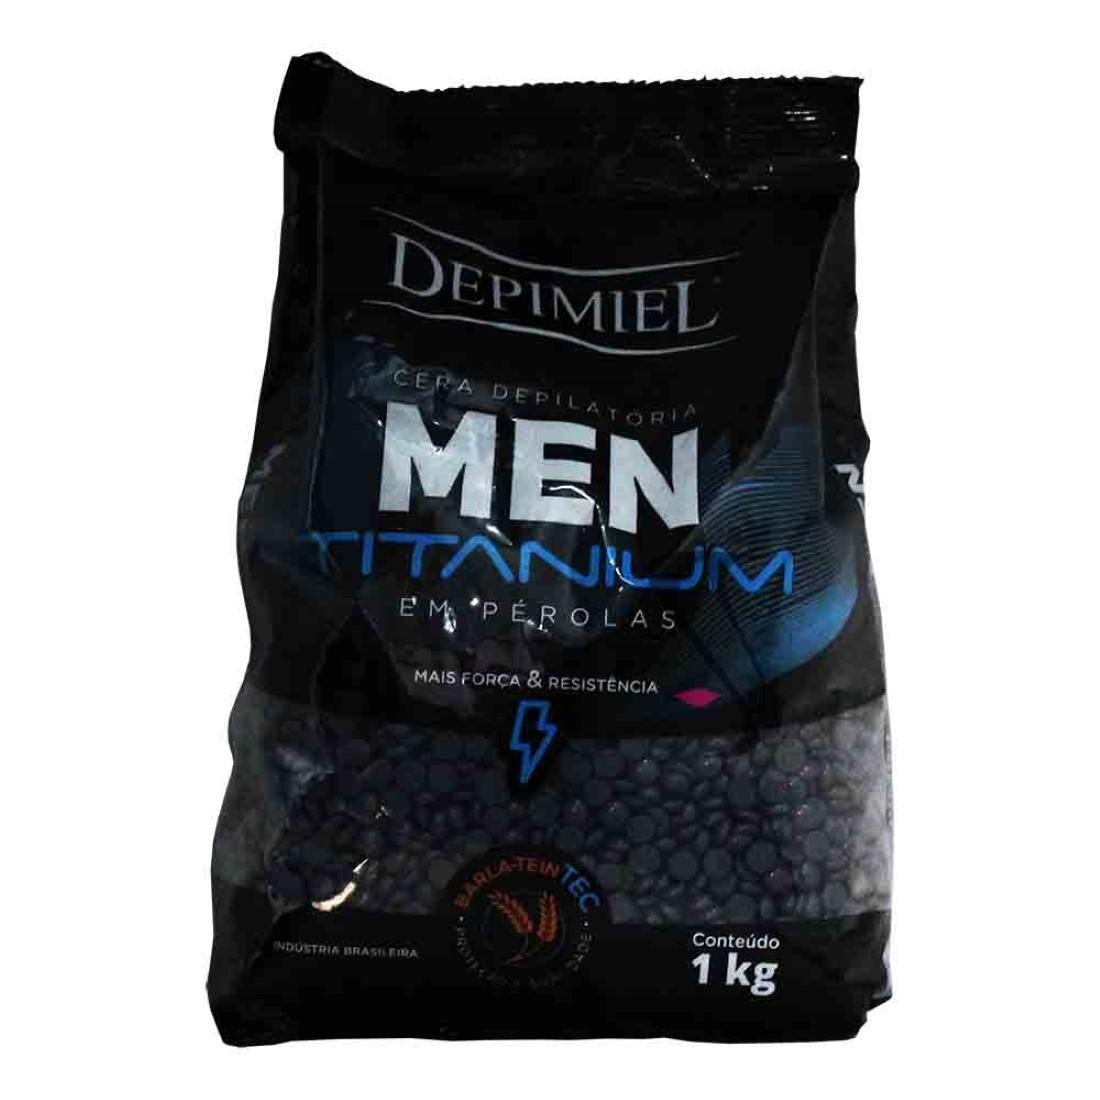 Cera Depilatória em Pérolas Men Titanium 1kg - Depimiel